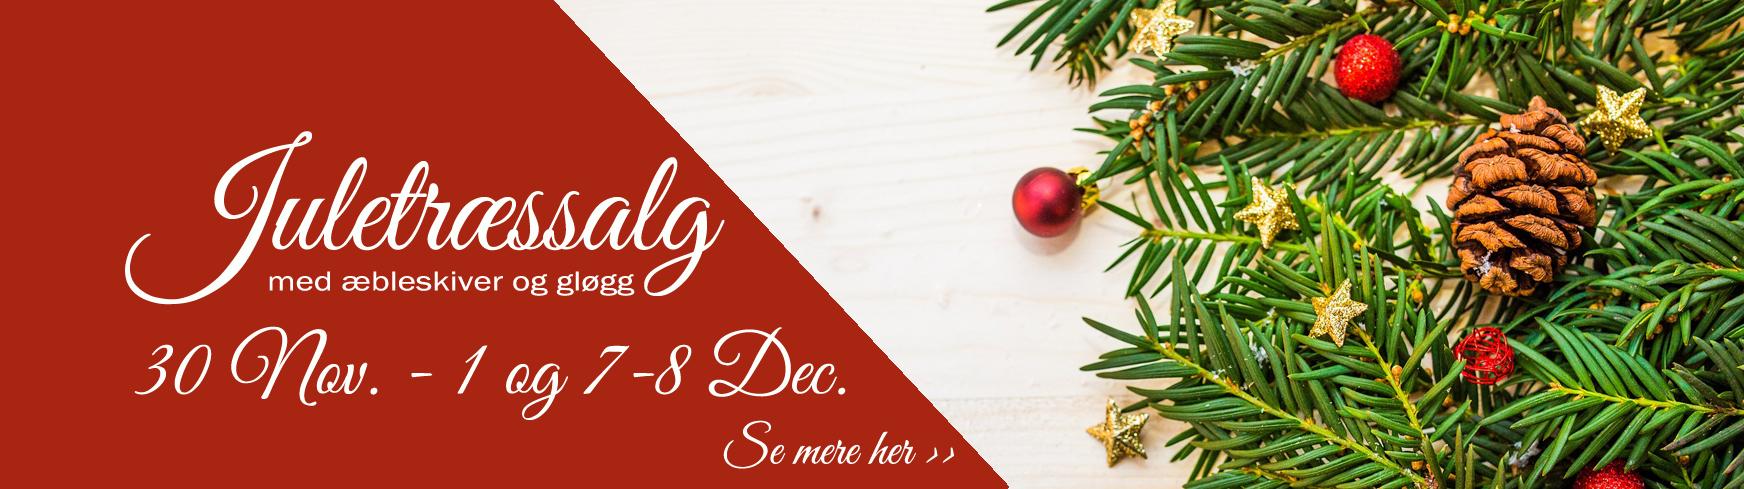 juletræssalg i aarøsund 1 november